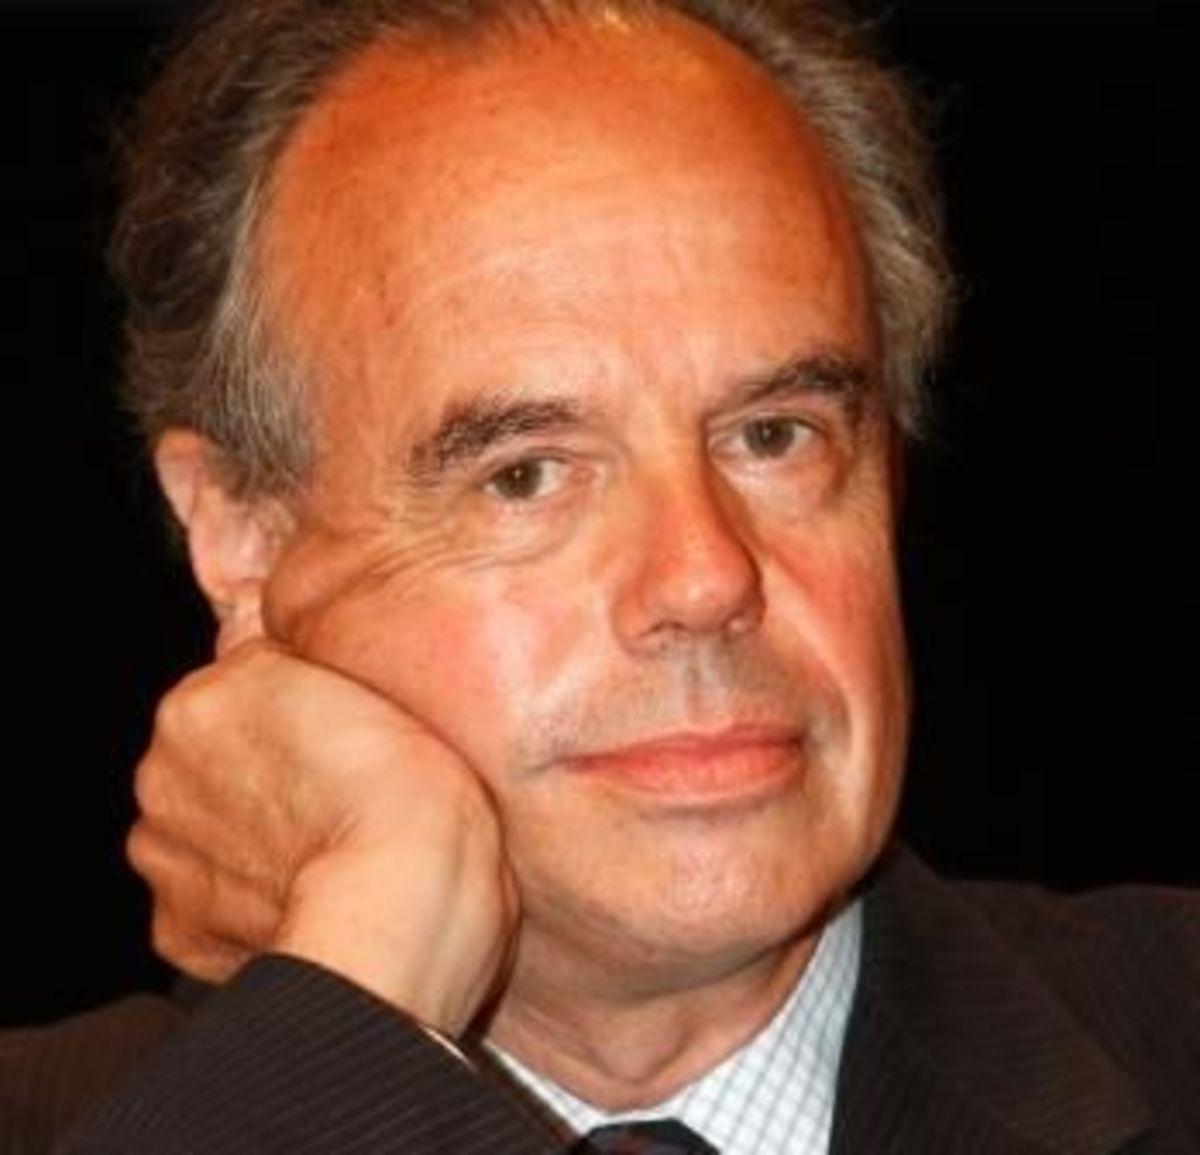 Δεν παραιτούμαι λέει ο Γάλλος υπουργός Πολιτισμού | Newsit.gr